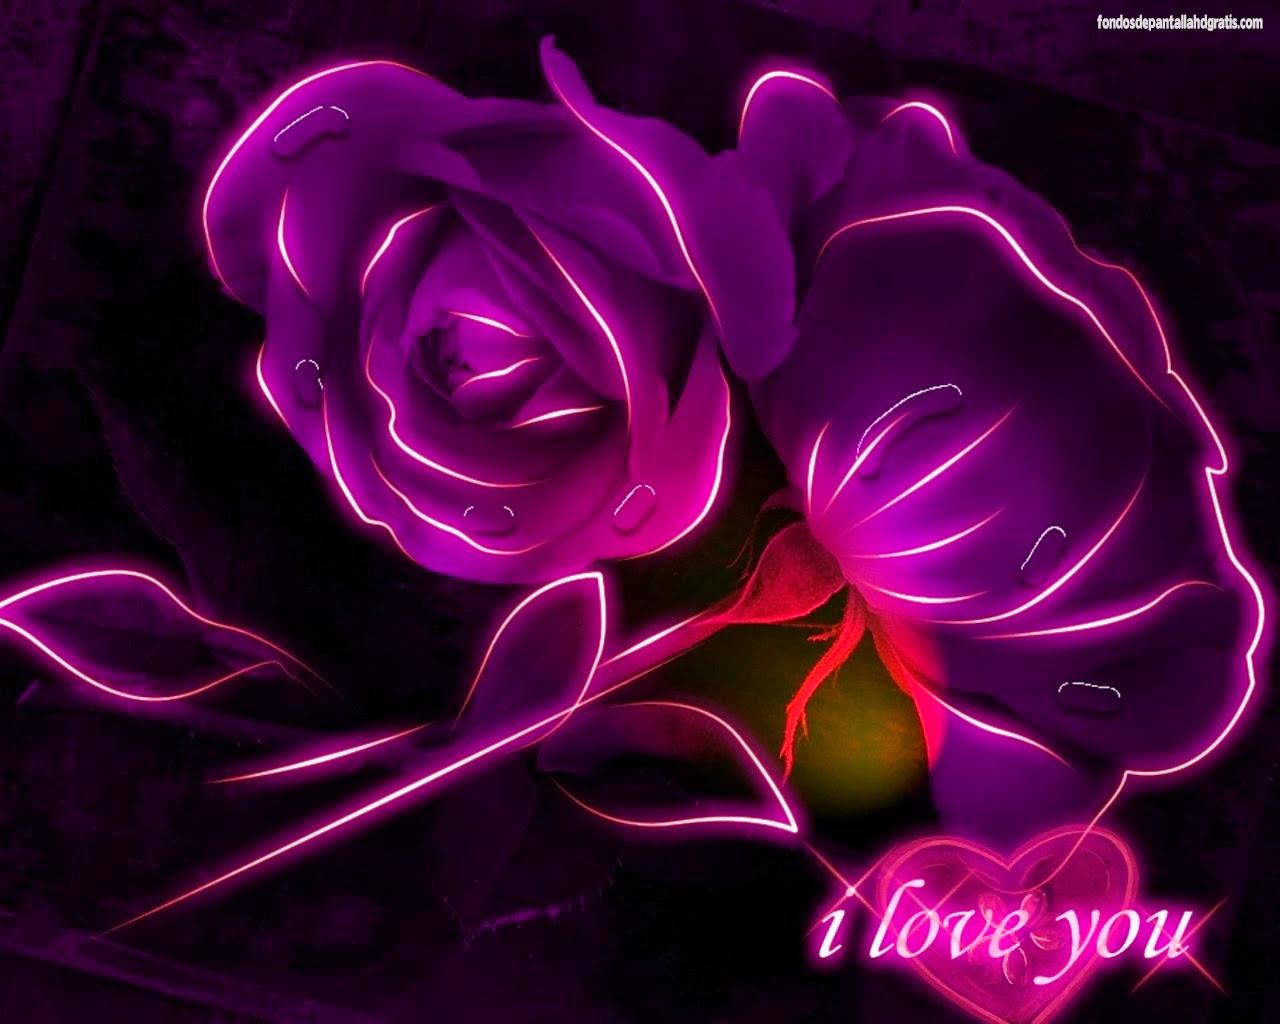 Ver Imagenes De Todo Tipo De Rosas - TIPOS DE ROSAS Clasificación de rosas o rosales